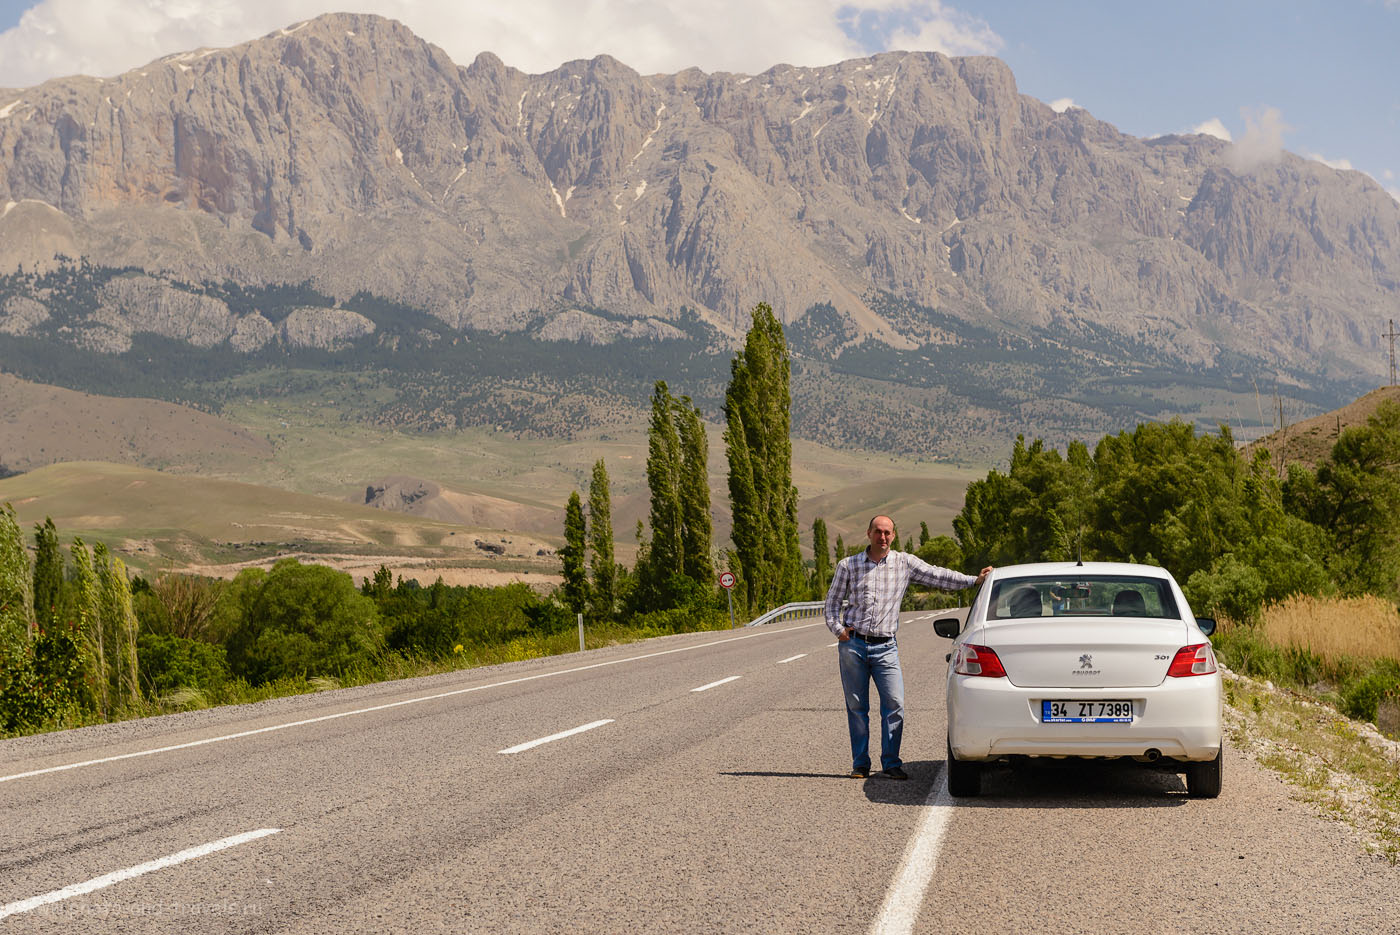 Фото 21. Невероятно красивые пейзажи на пути из Каппадокии к побережью Средиземного моря в Турции. 1/125, 0.33, 8.0, 70.